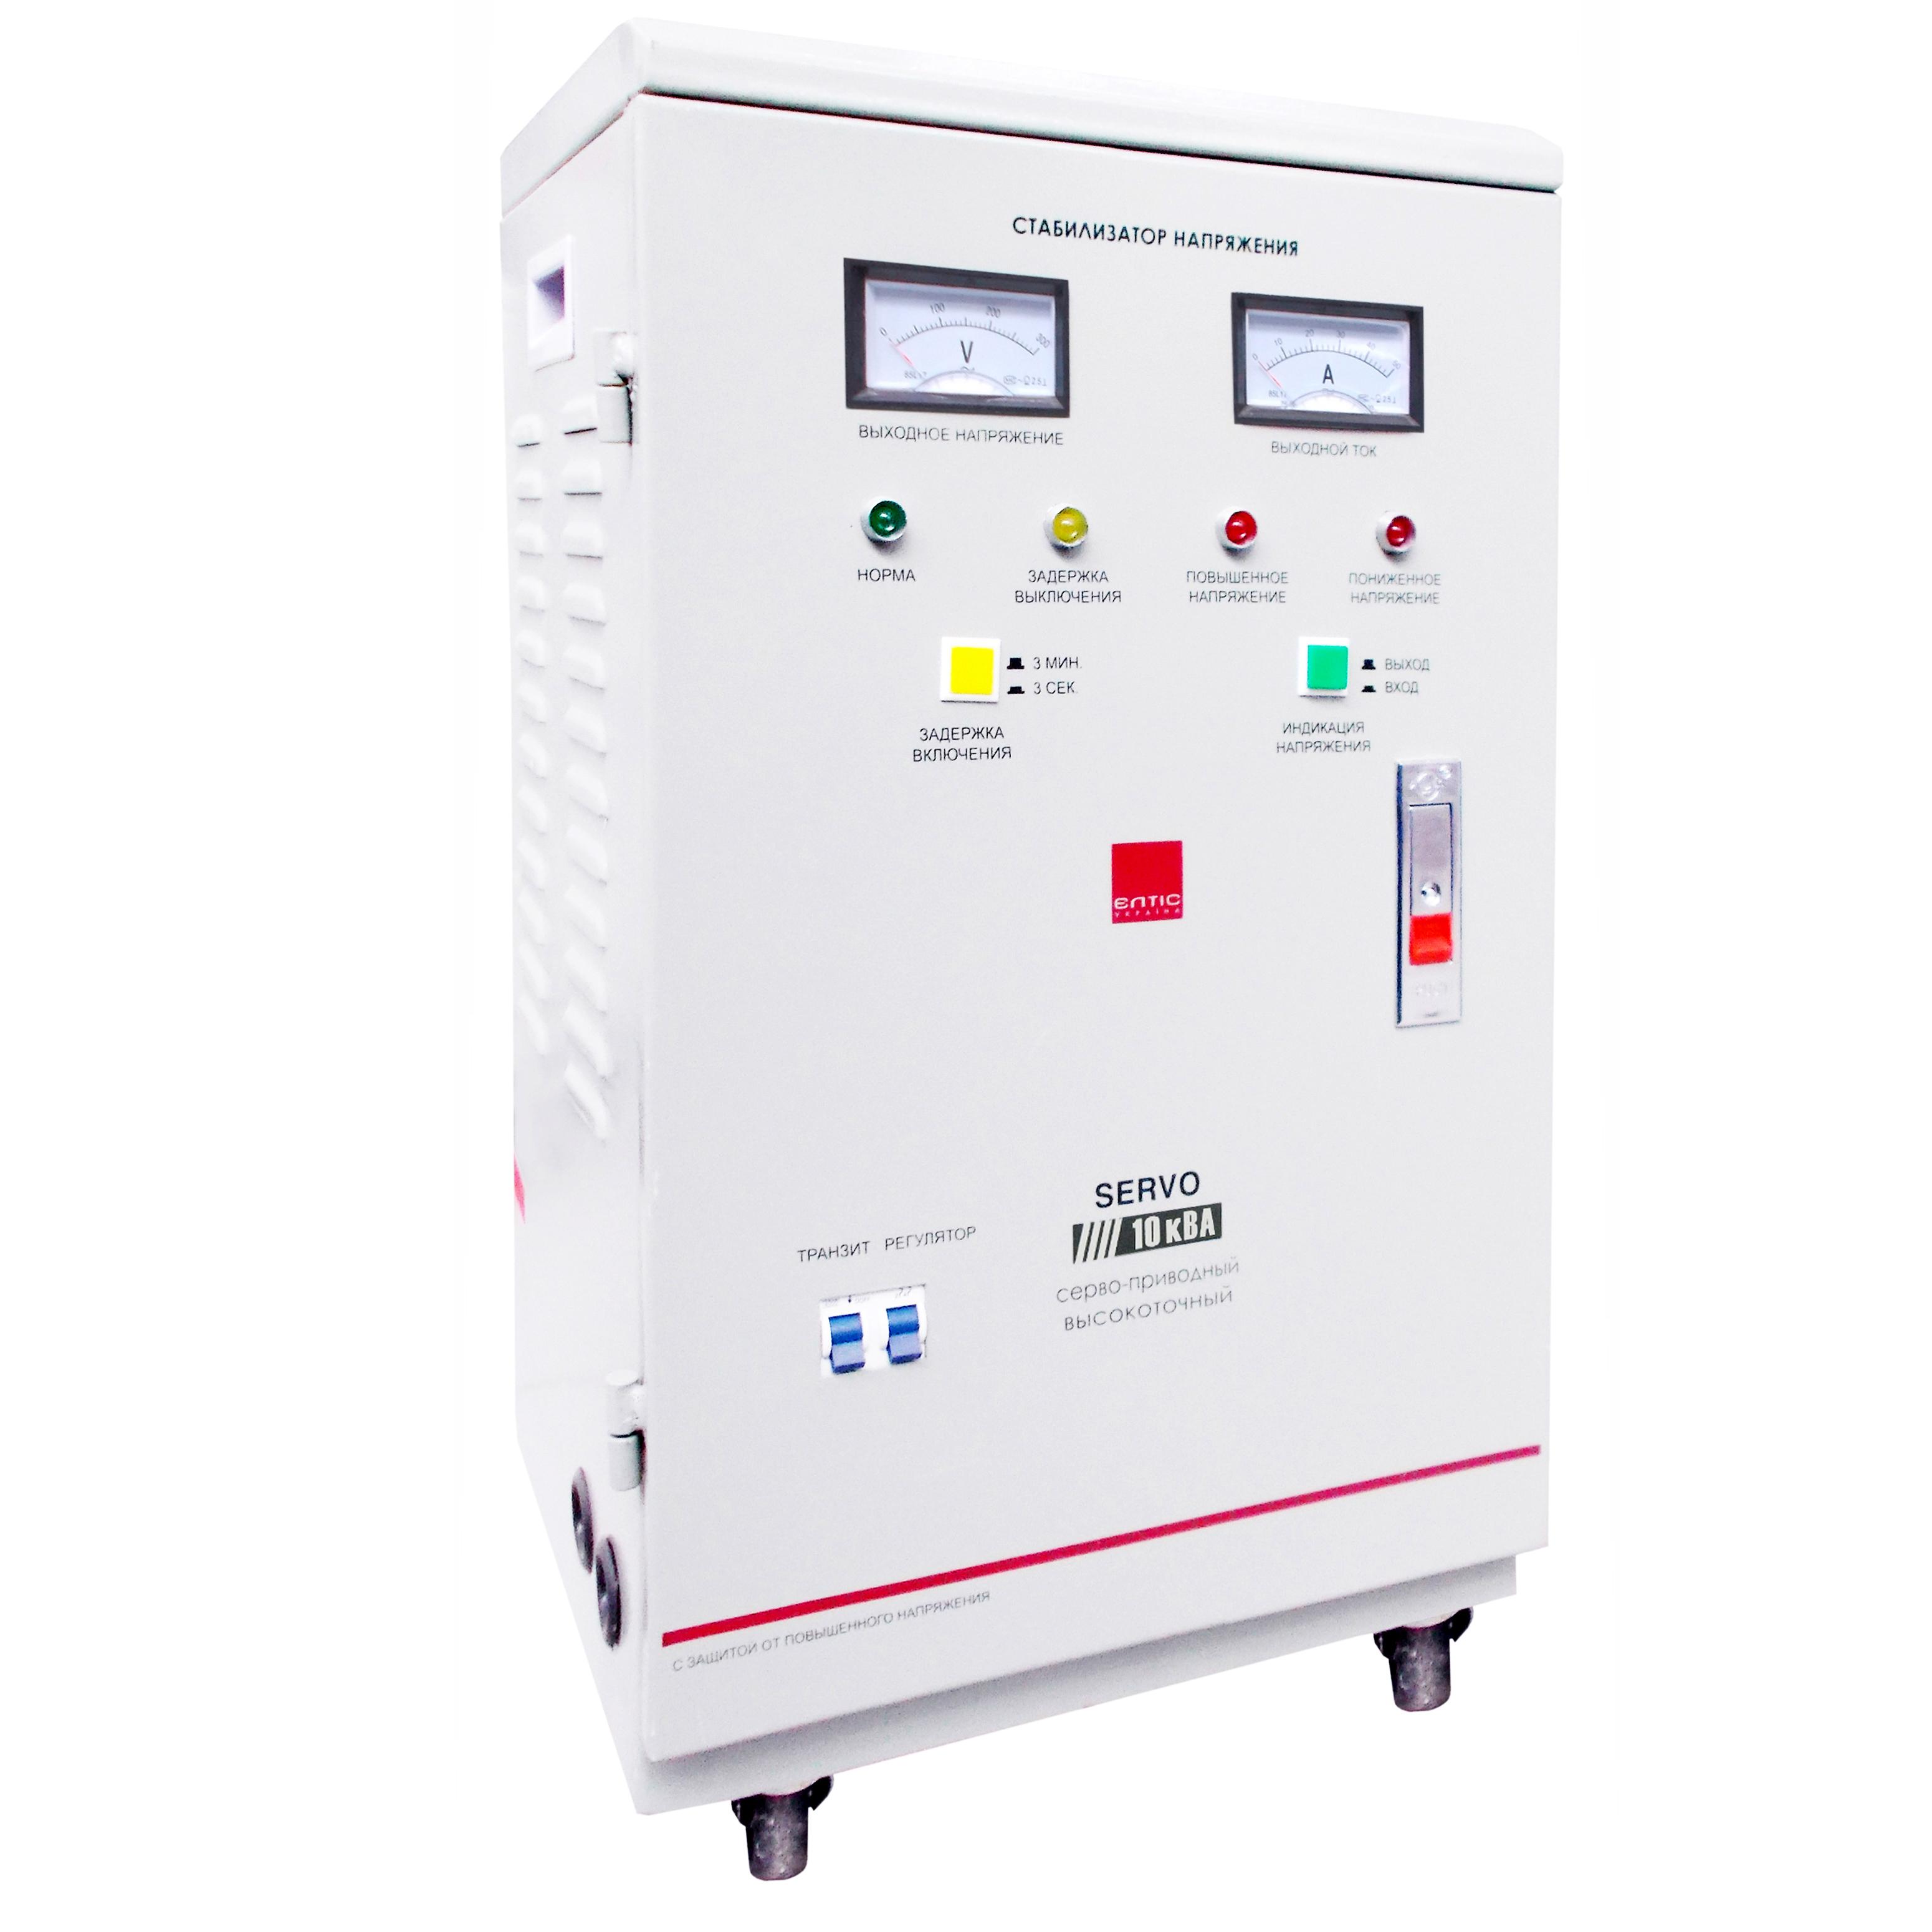 Задержка стабилизаторе напряжения стабилизатор напряжения энергия hybrid отзыв